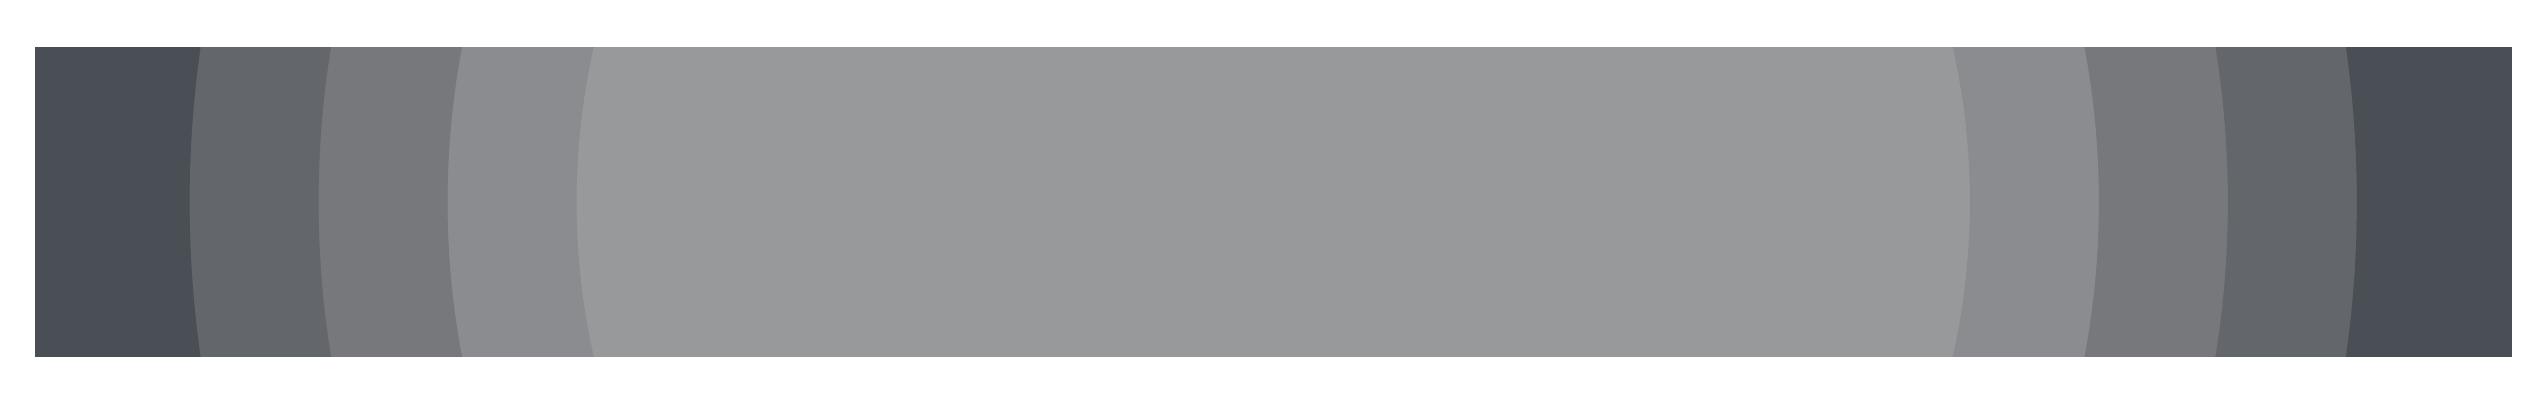 MC-SC430-A1